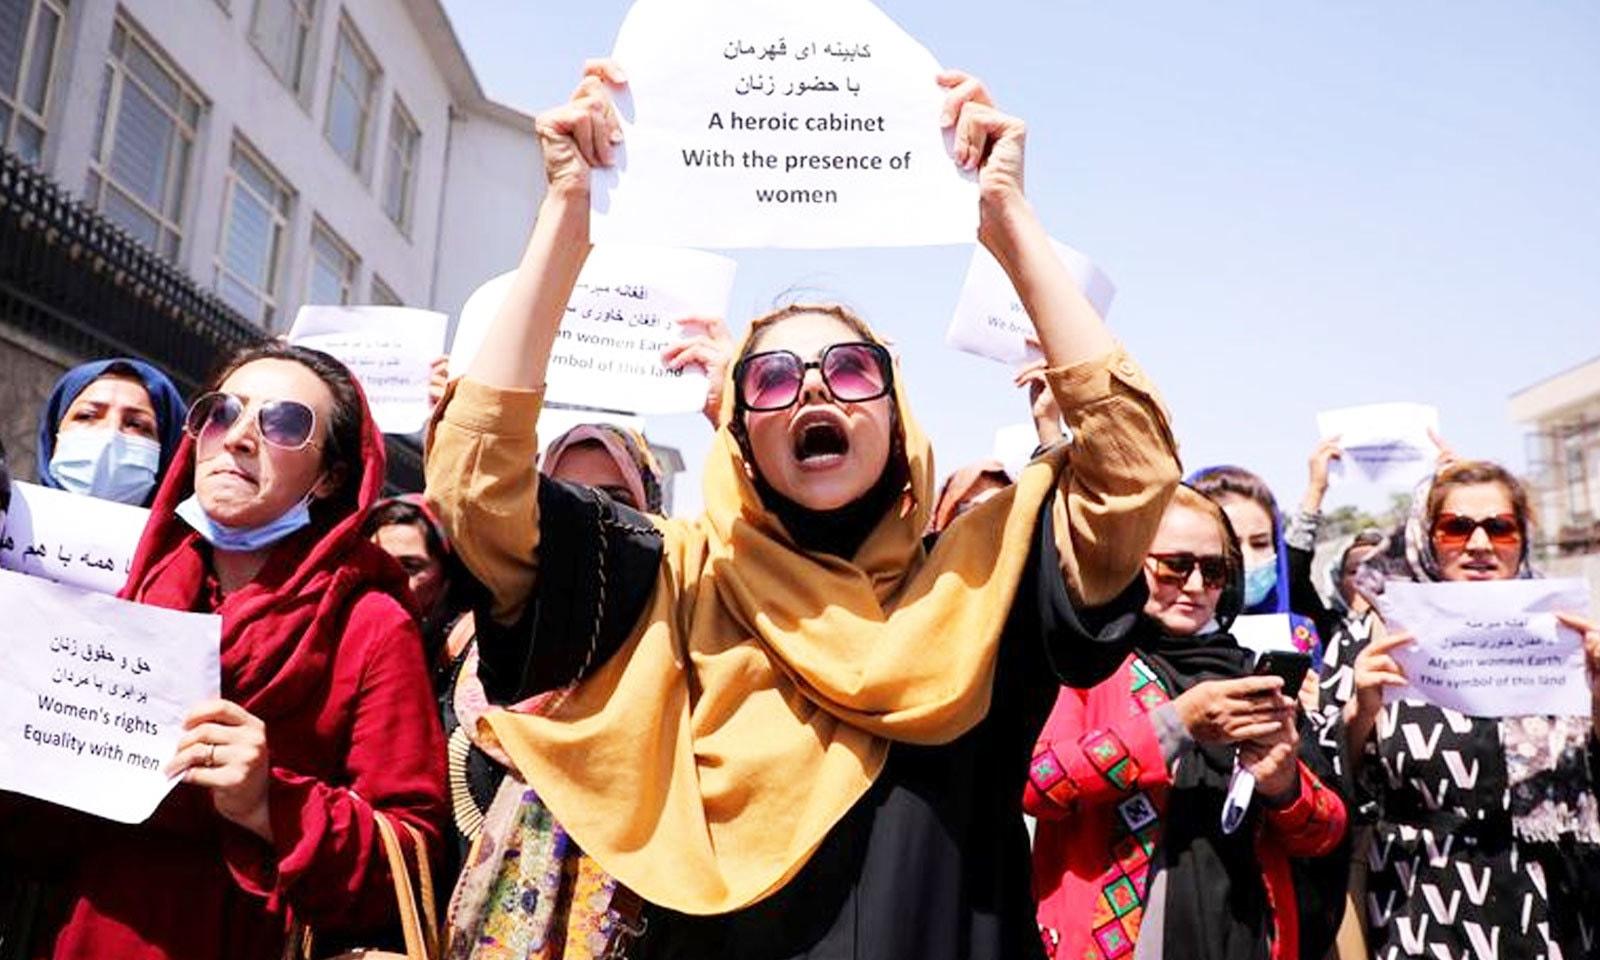 حکومت میں خواتین کی عدم شمولیت پر تین ستمبر کو کابل میں ہوانے والے مظاہرے میں عورتیں شریک ہیں—فوٹو: رائٹرز